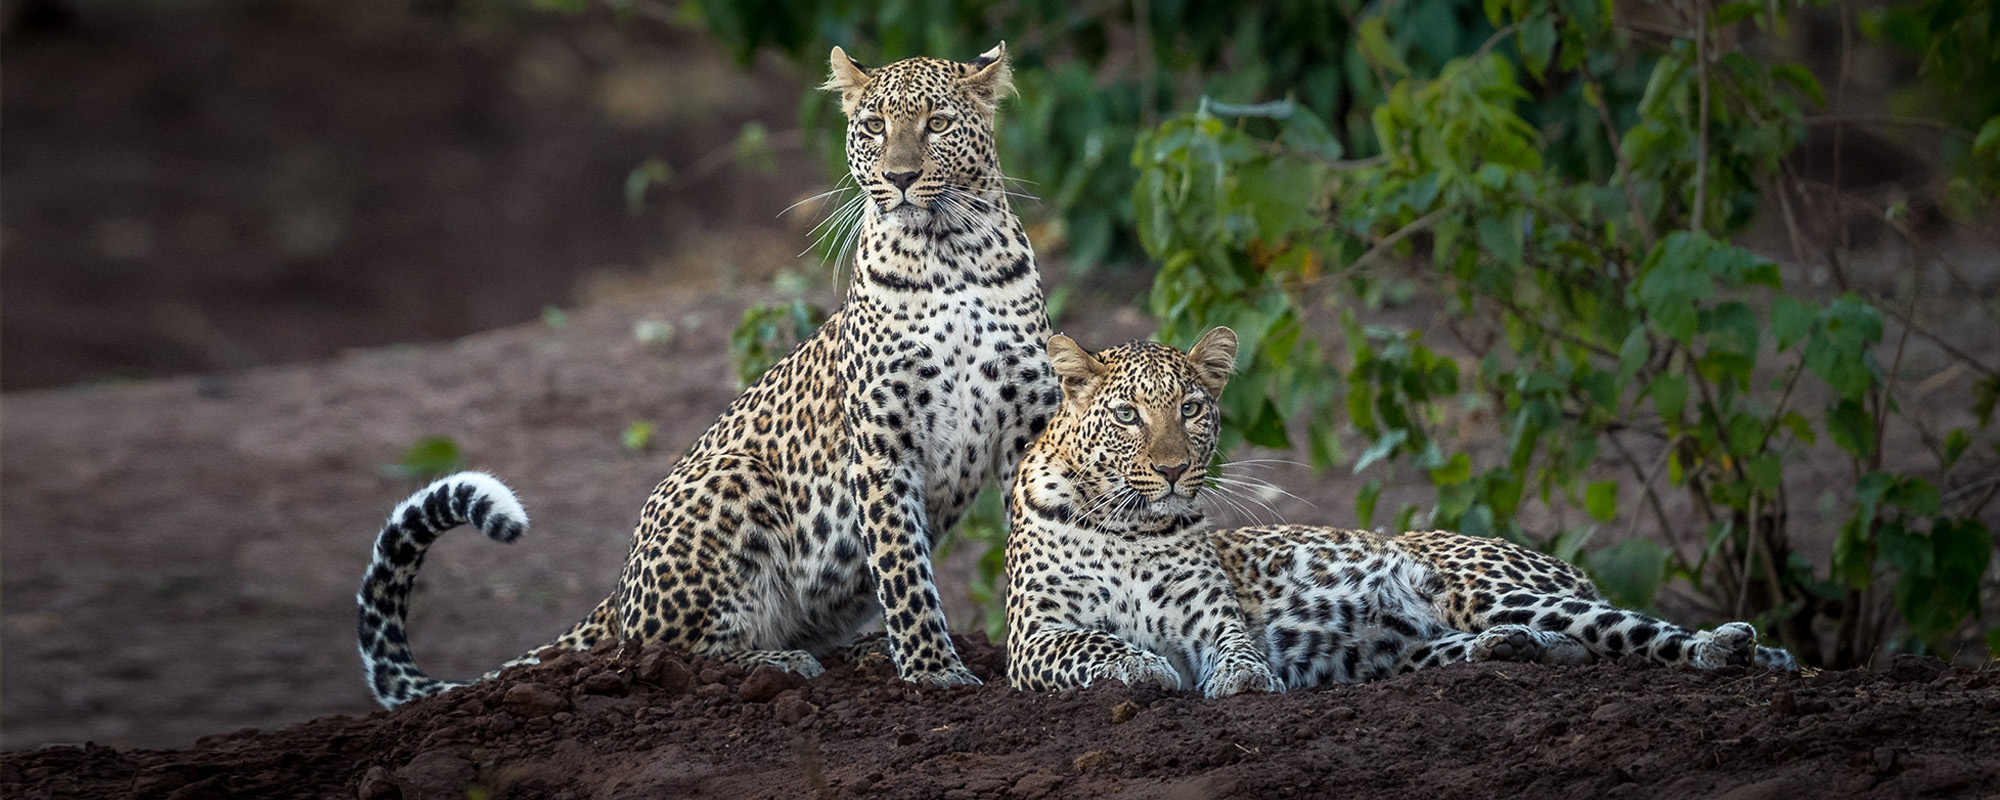 Pangolin Photo Safaris 7